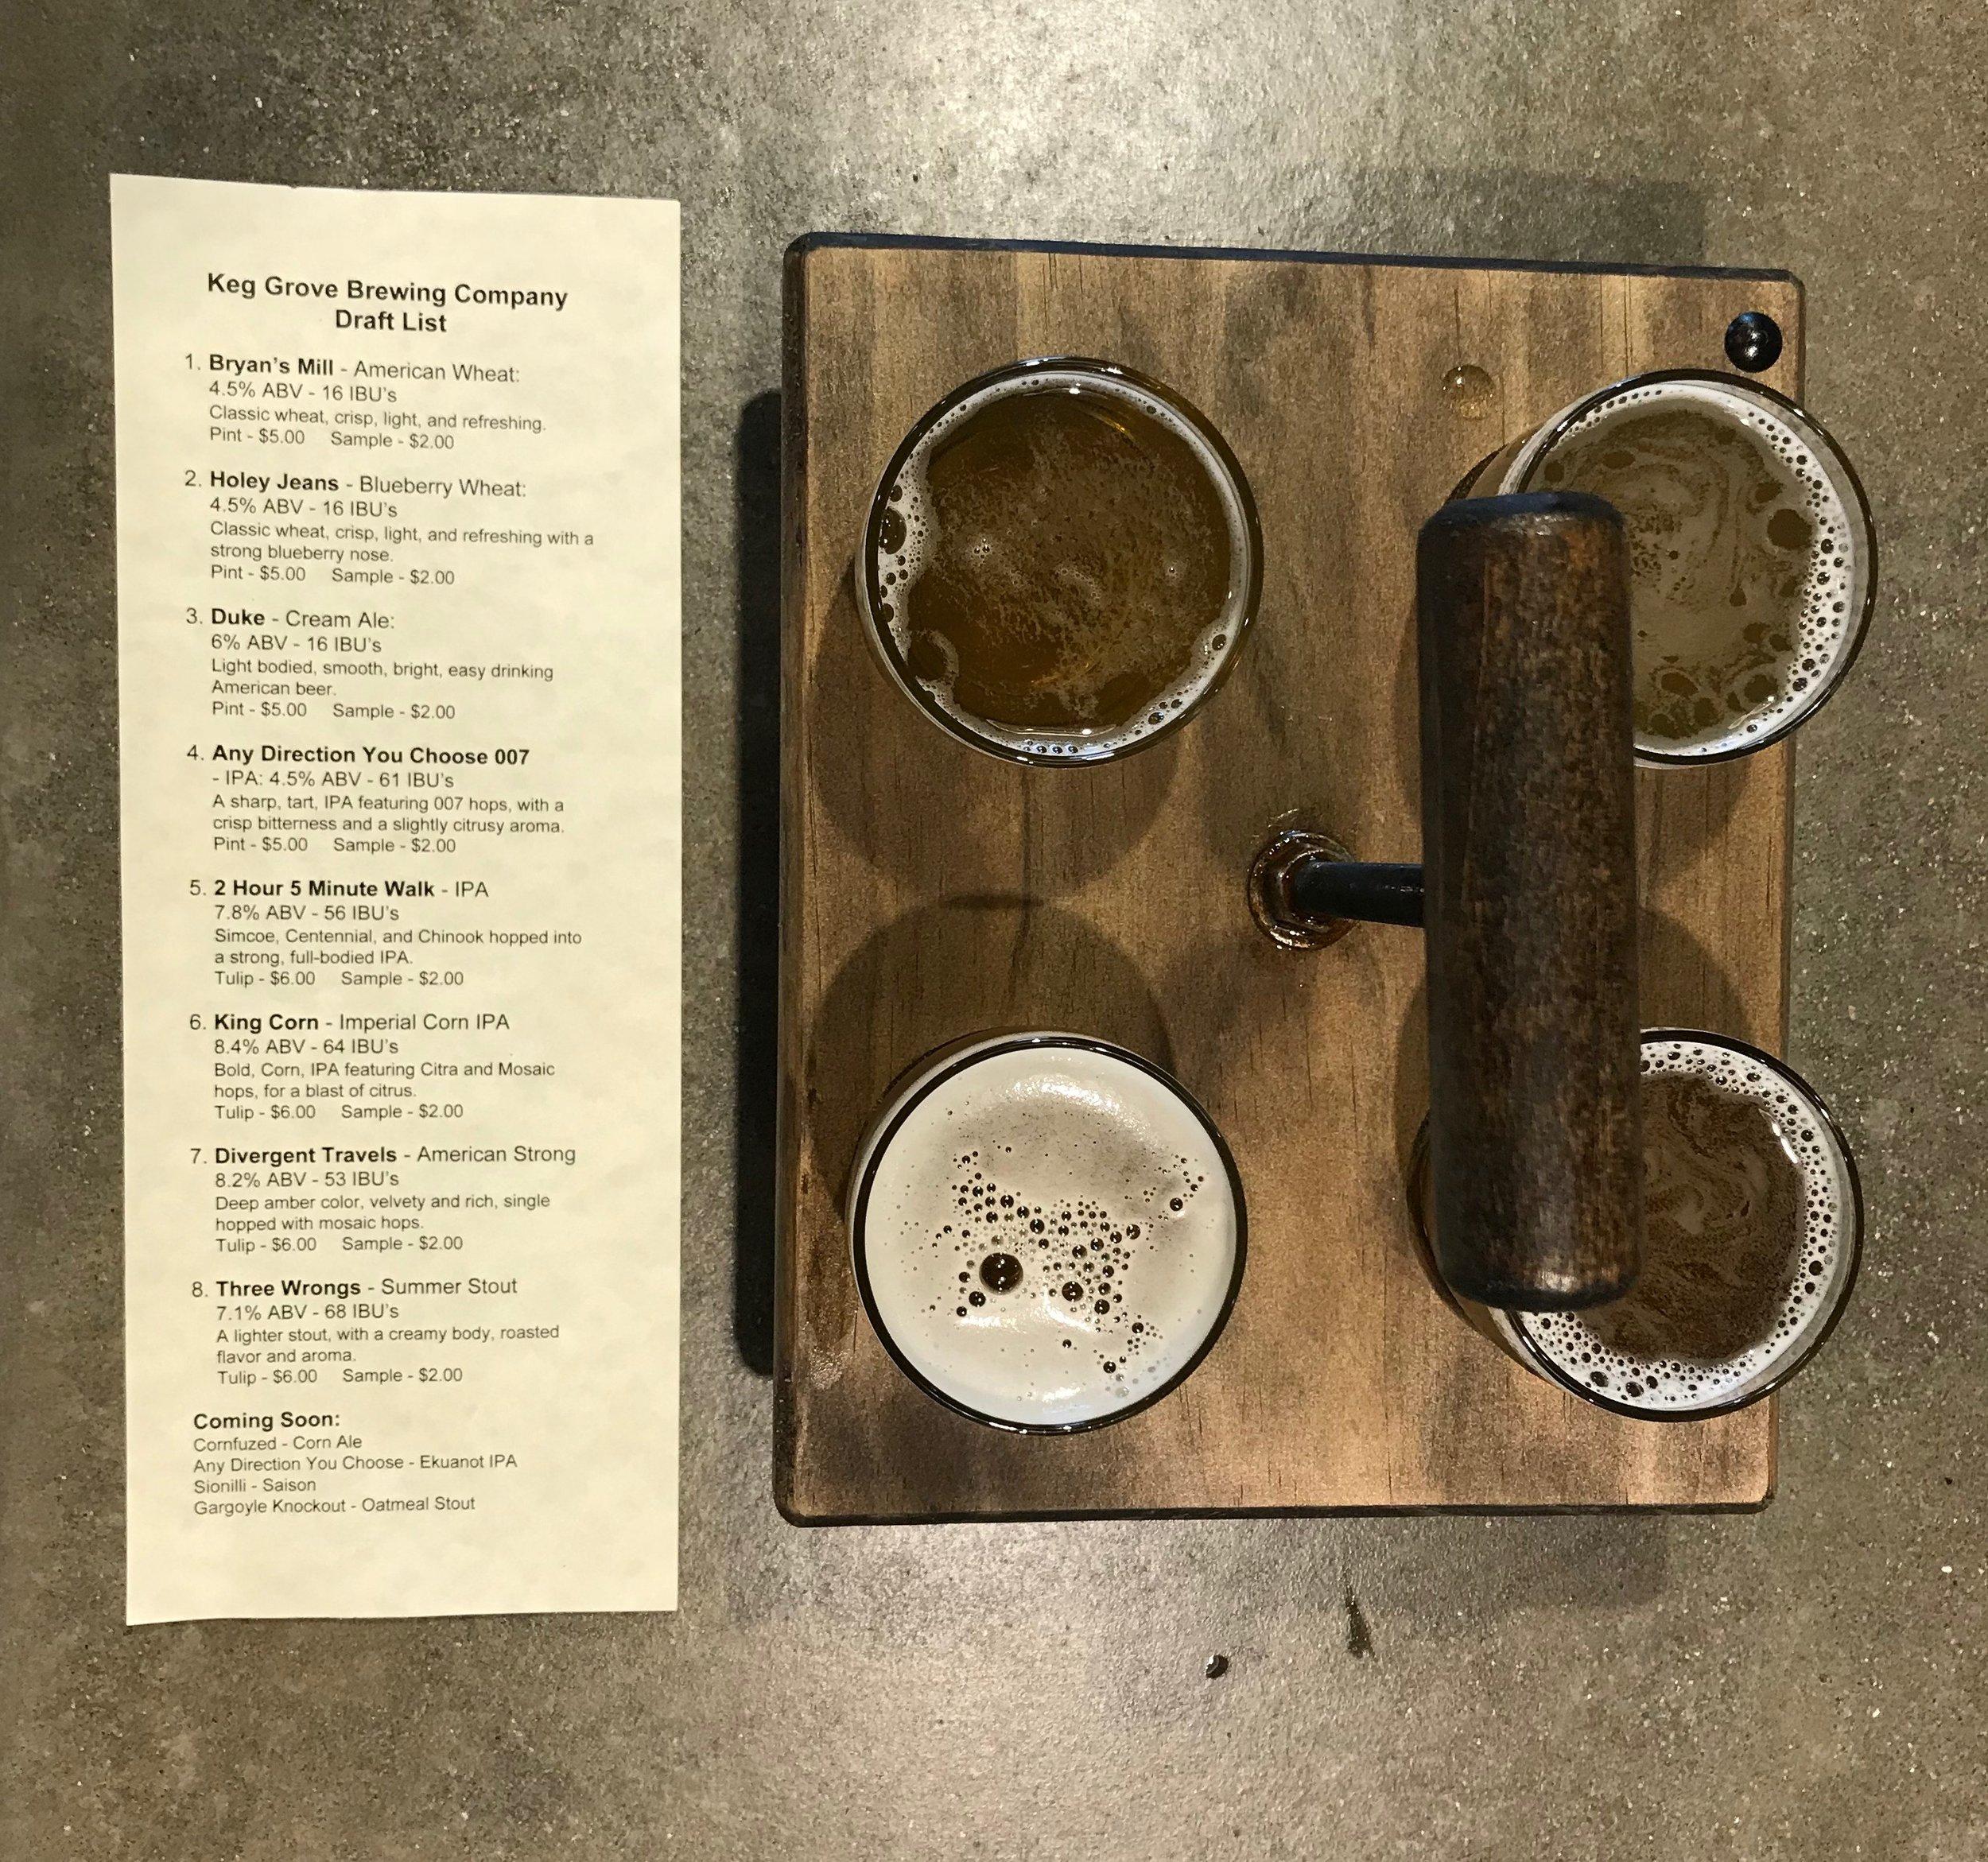 2_Keg Grove Brewing Company.jpg